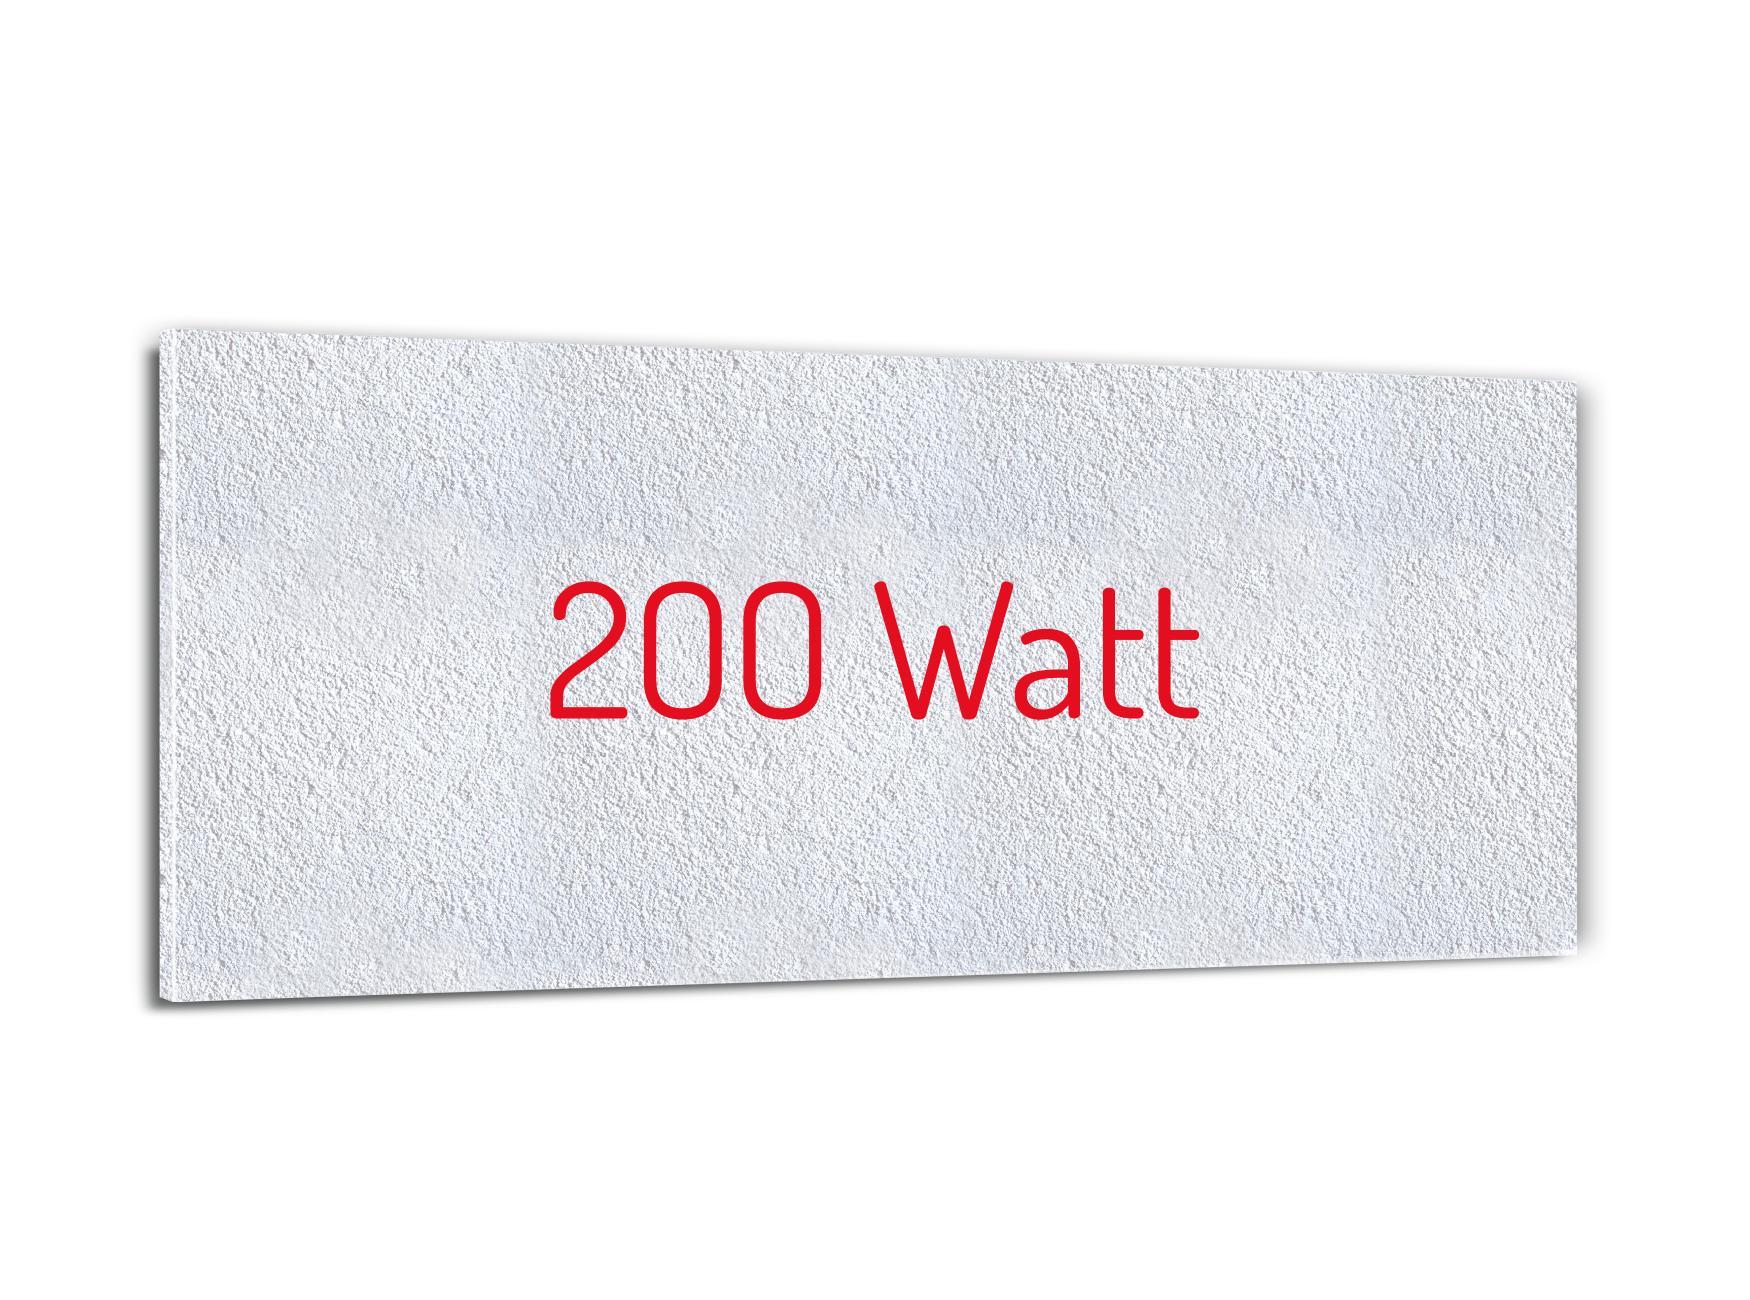 Schreibtischheizung 200 Watt 24x60cm